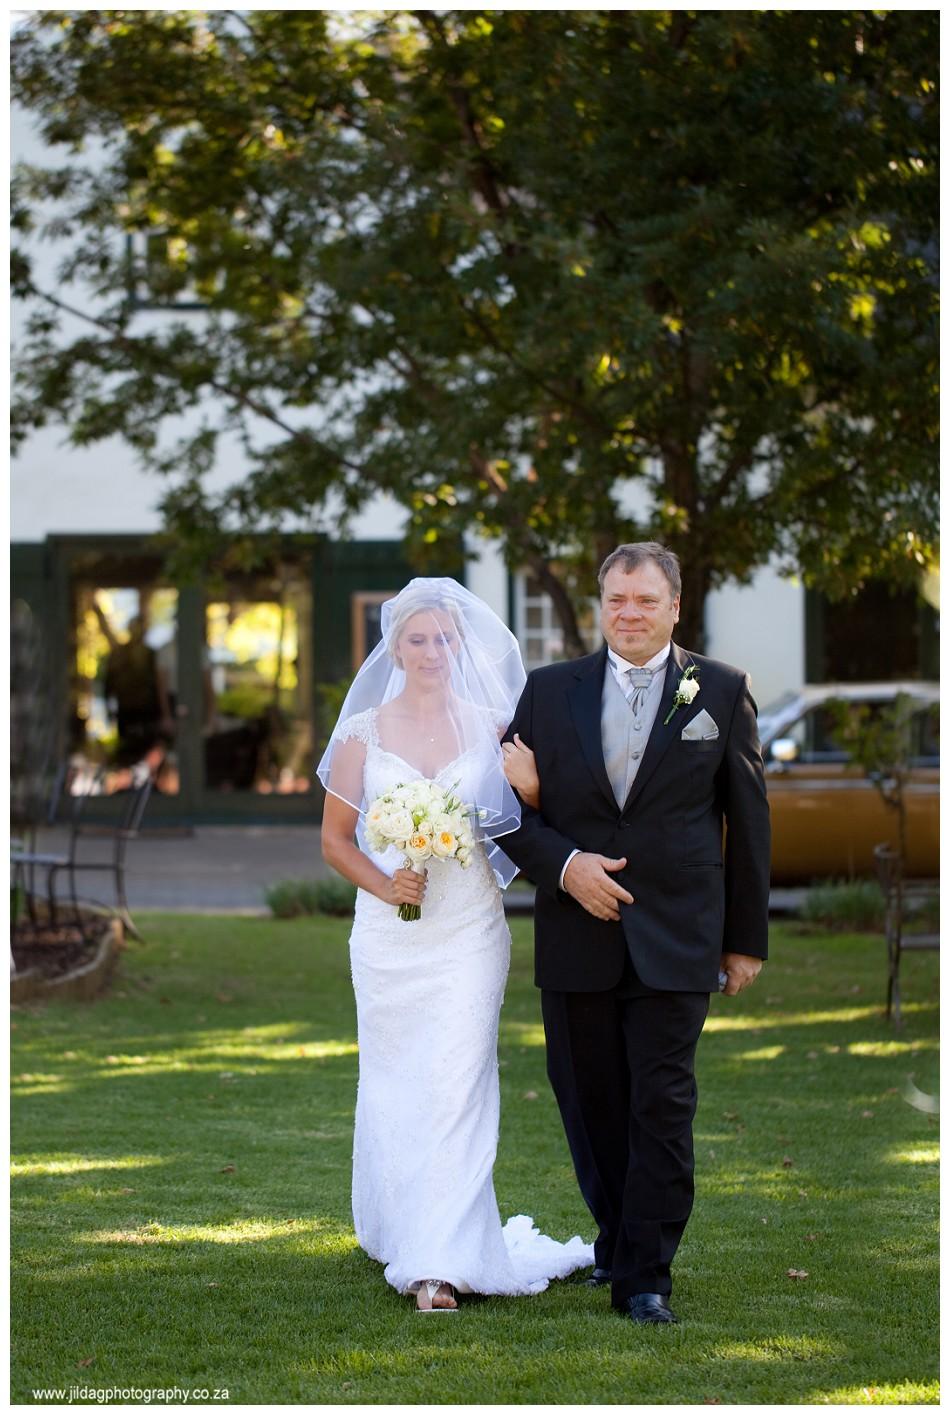 Buitenverwachting - Constantia wedding - Jilda G Photography (29)